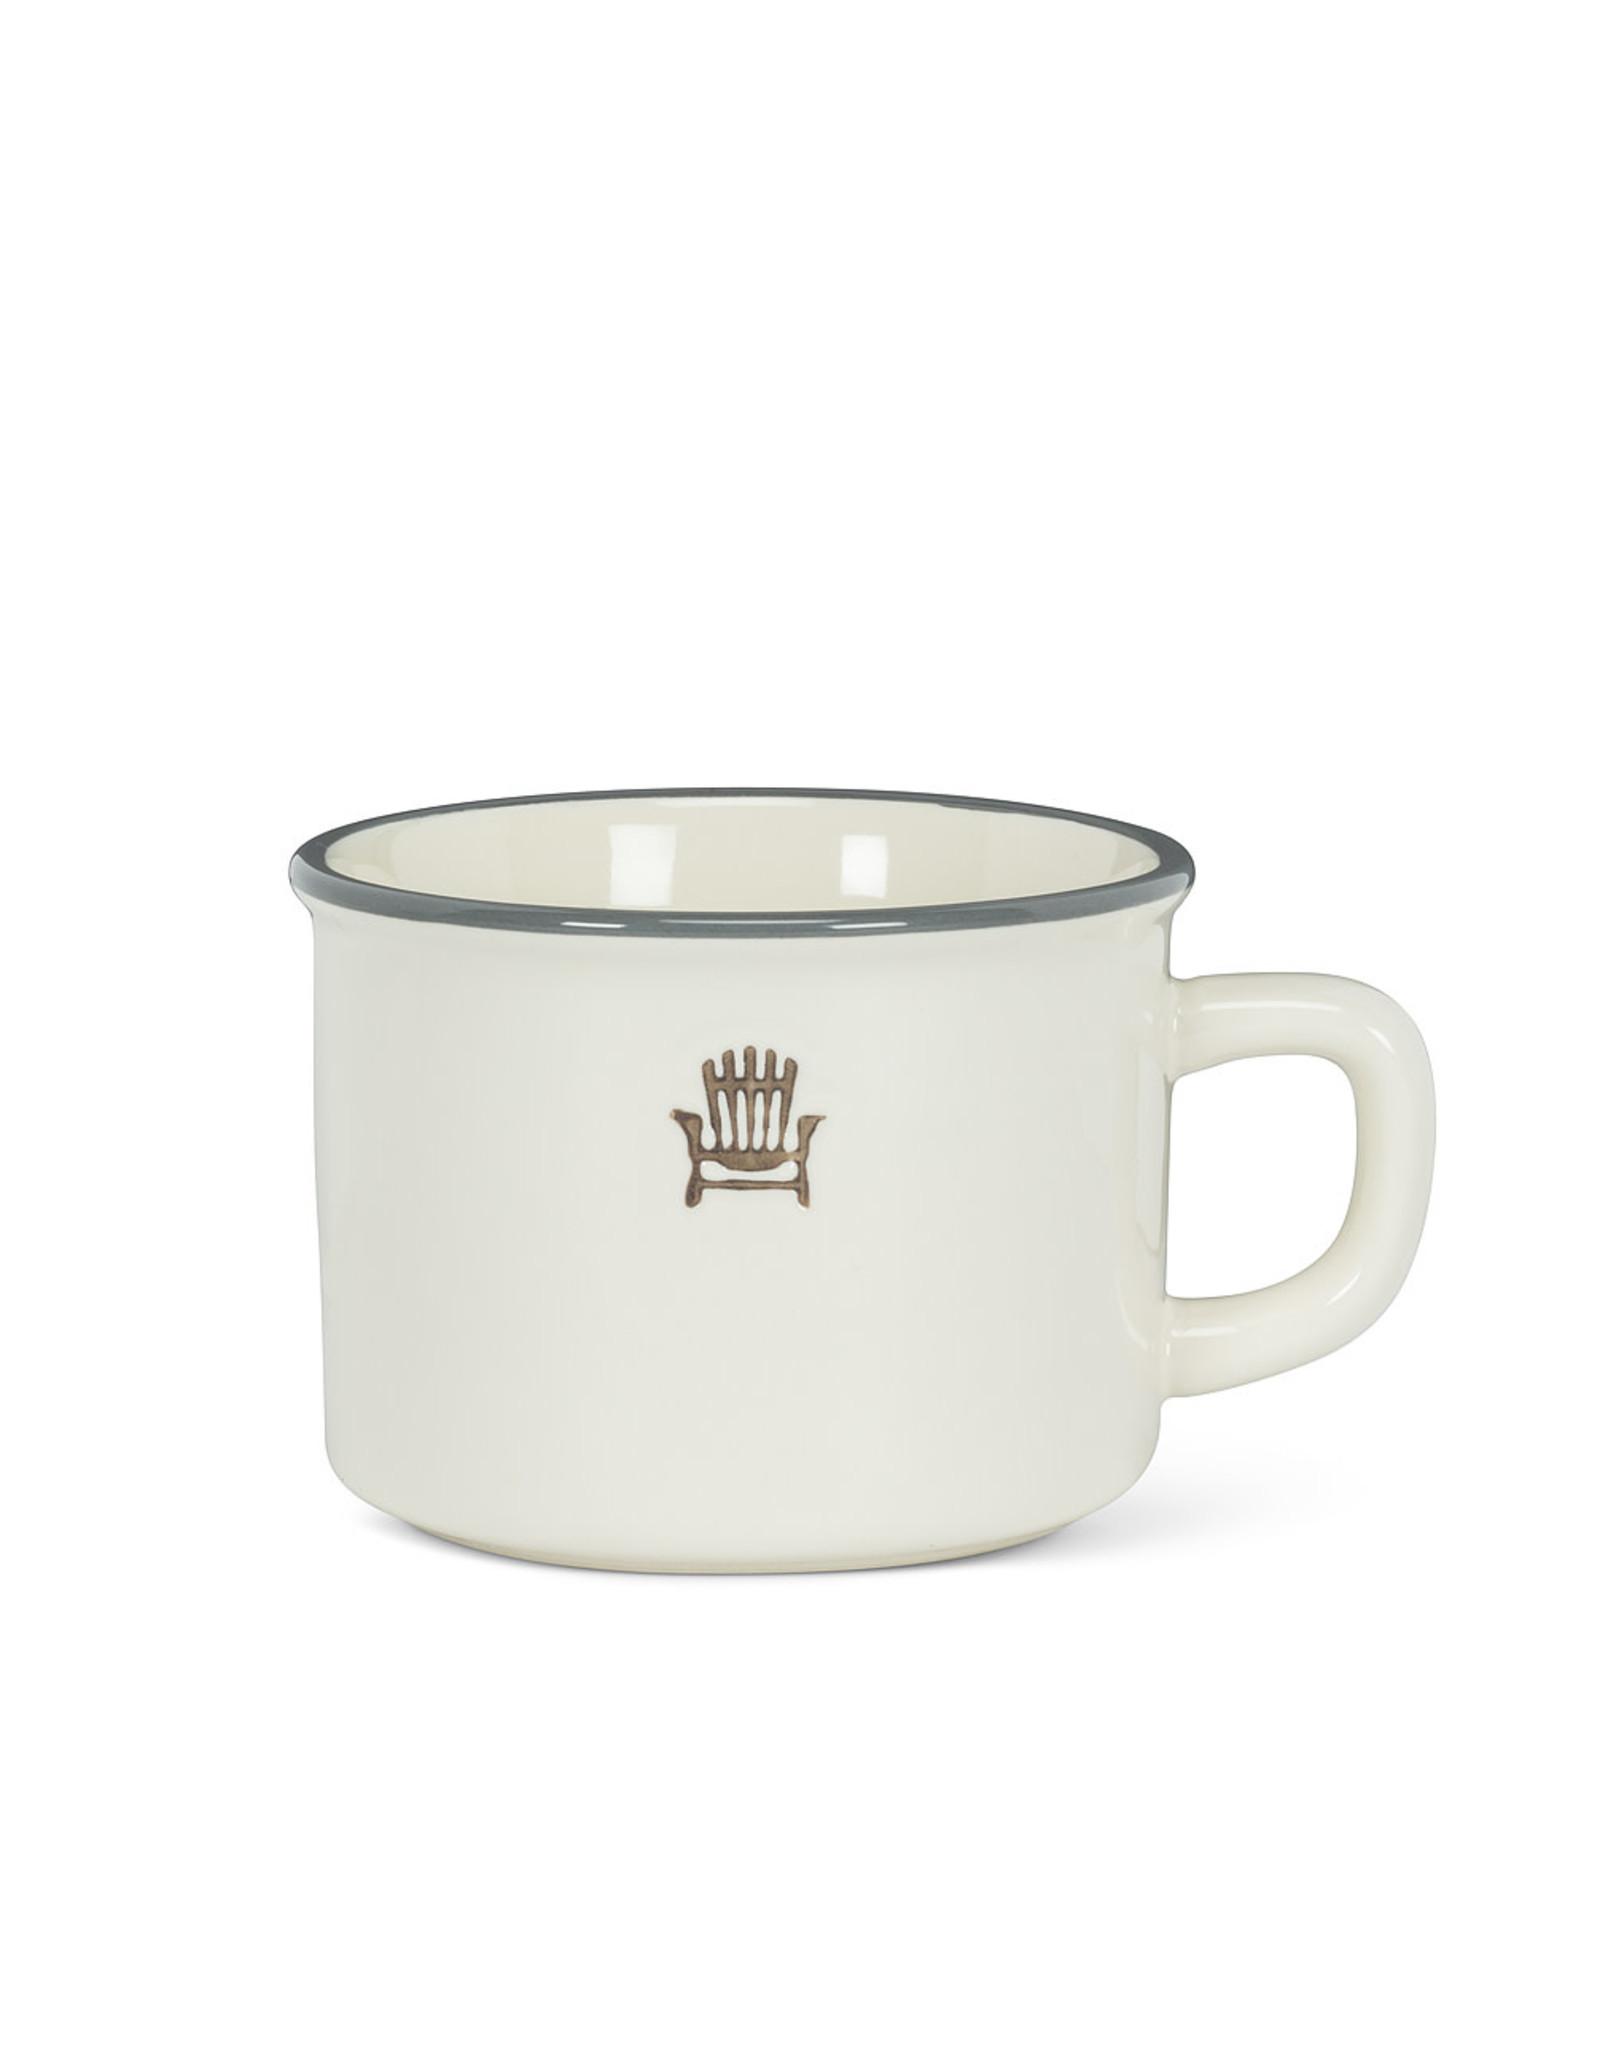 Tasse cappuccino « Cottage chair » ivoire en grès (8 oz)